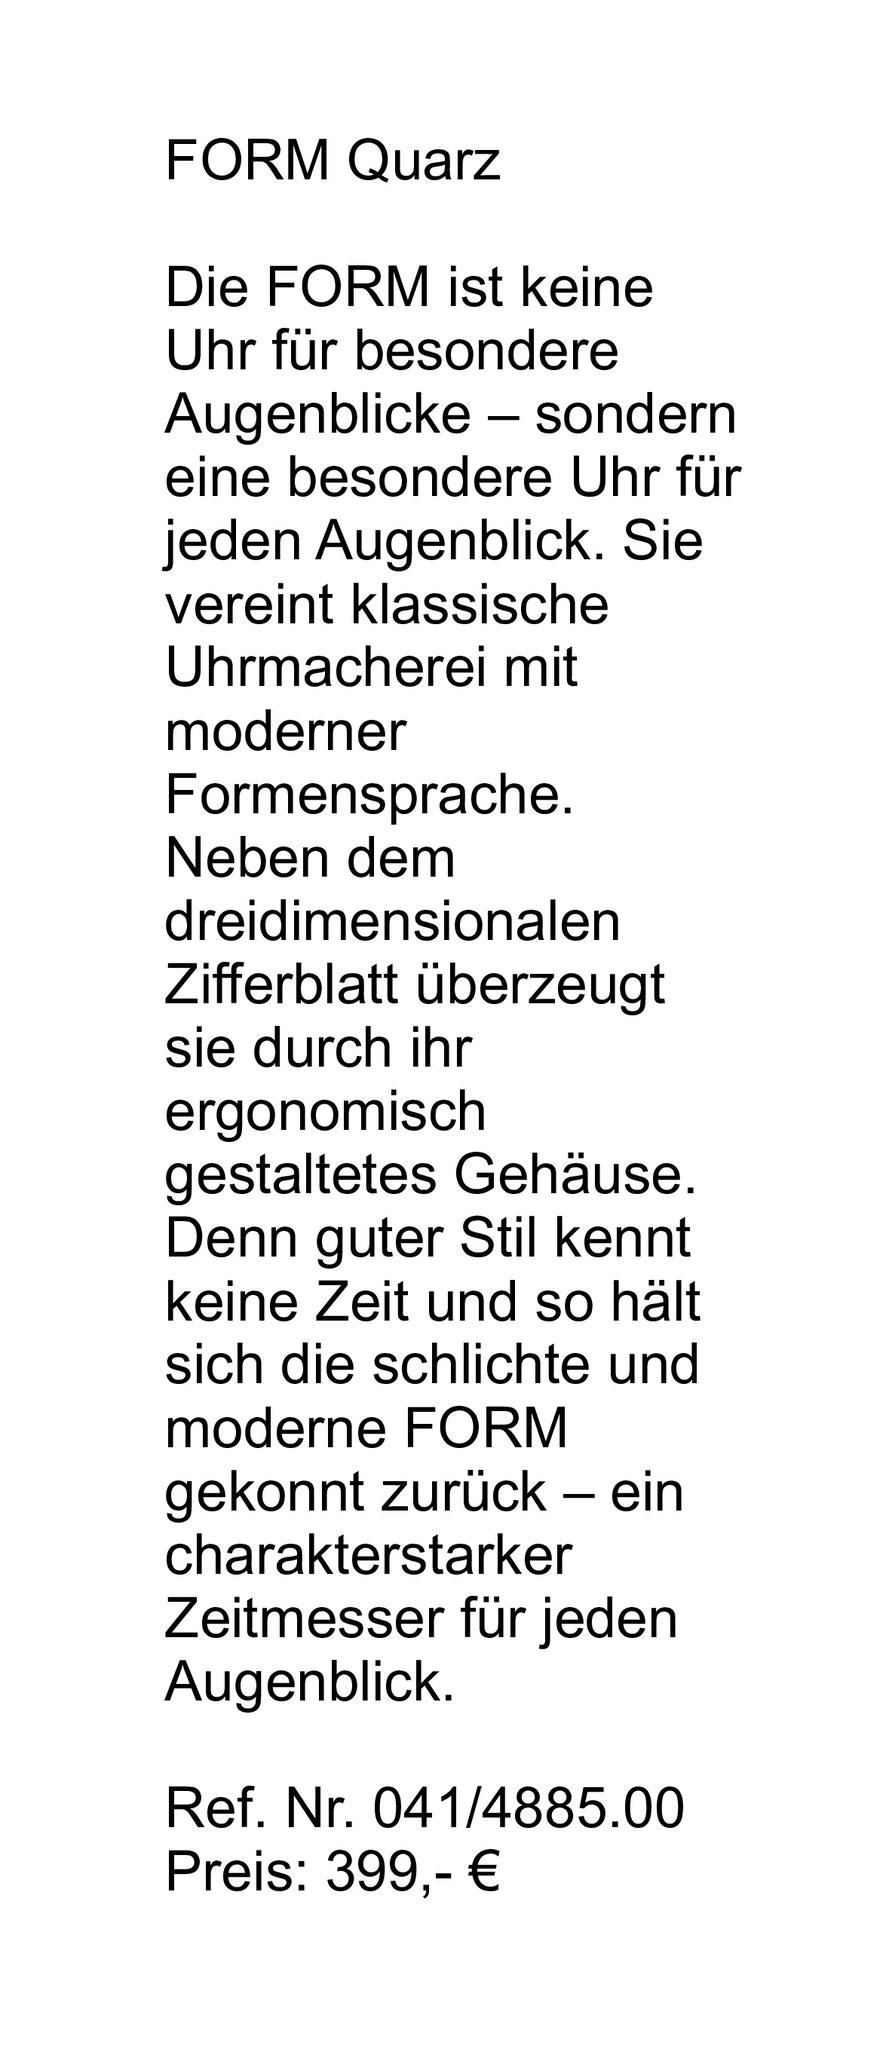 Kalbslederband mit farbigen Unterleder und Dornschließe aus Edelstahl  Preis: 399,- €